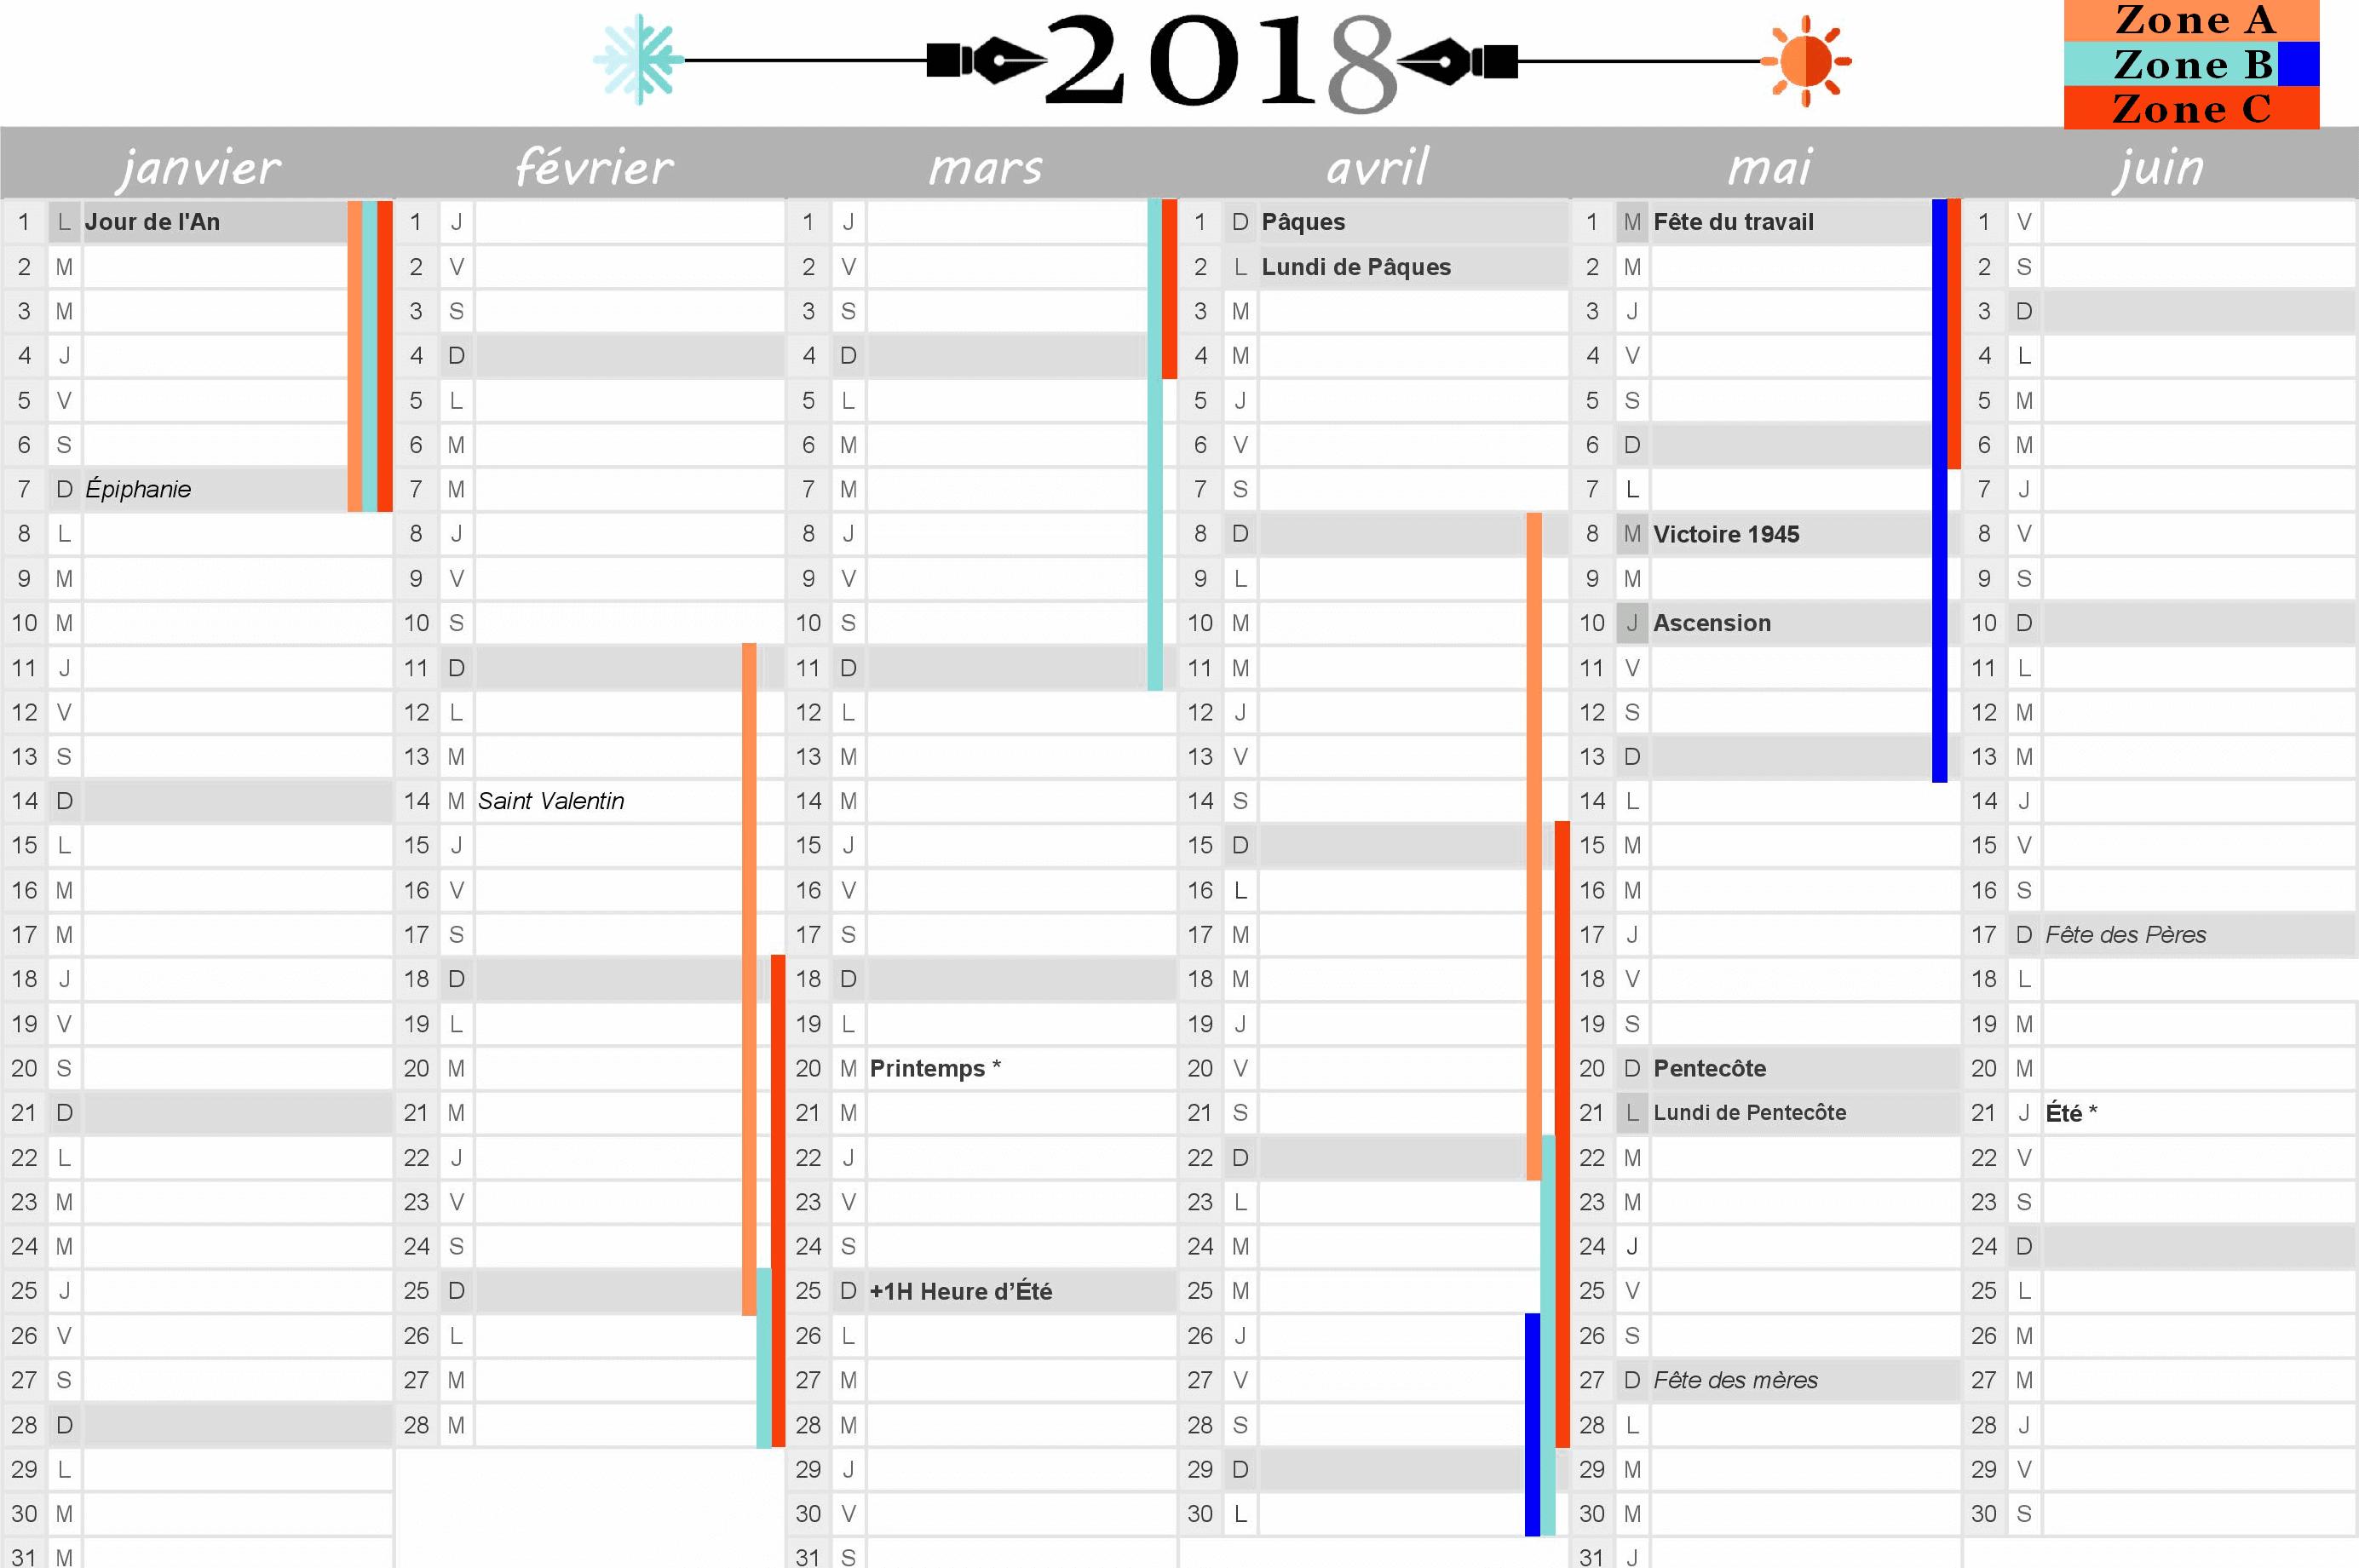 Calendrier 2018 : Vacances Scolaires Et Jours Fériés Inclus concernant Calendrier 2019 Avec Jours Fériés Vacances Scolaires À Imprimer